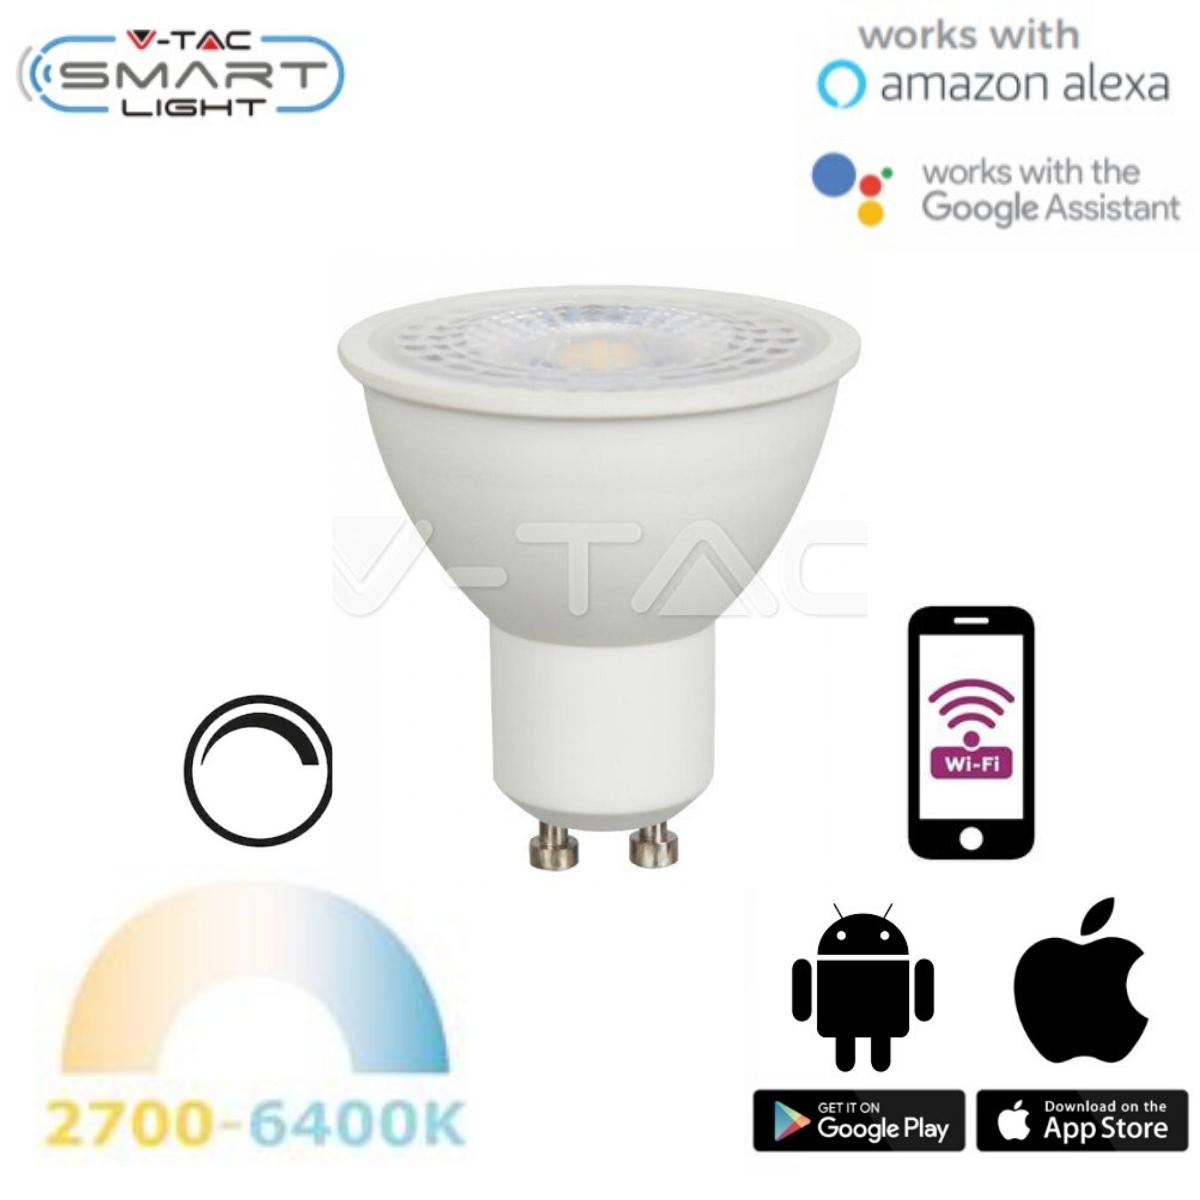 Chytrá LED žárovka  GU10  4,5W WIFI teplá, denní, studená (SMART)